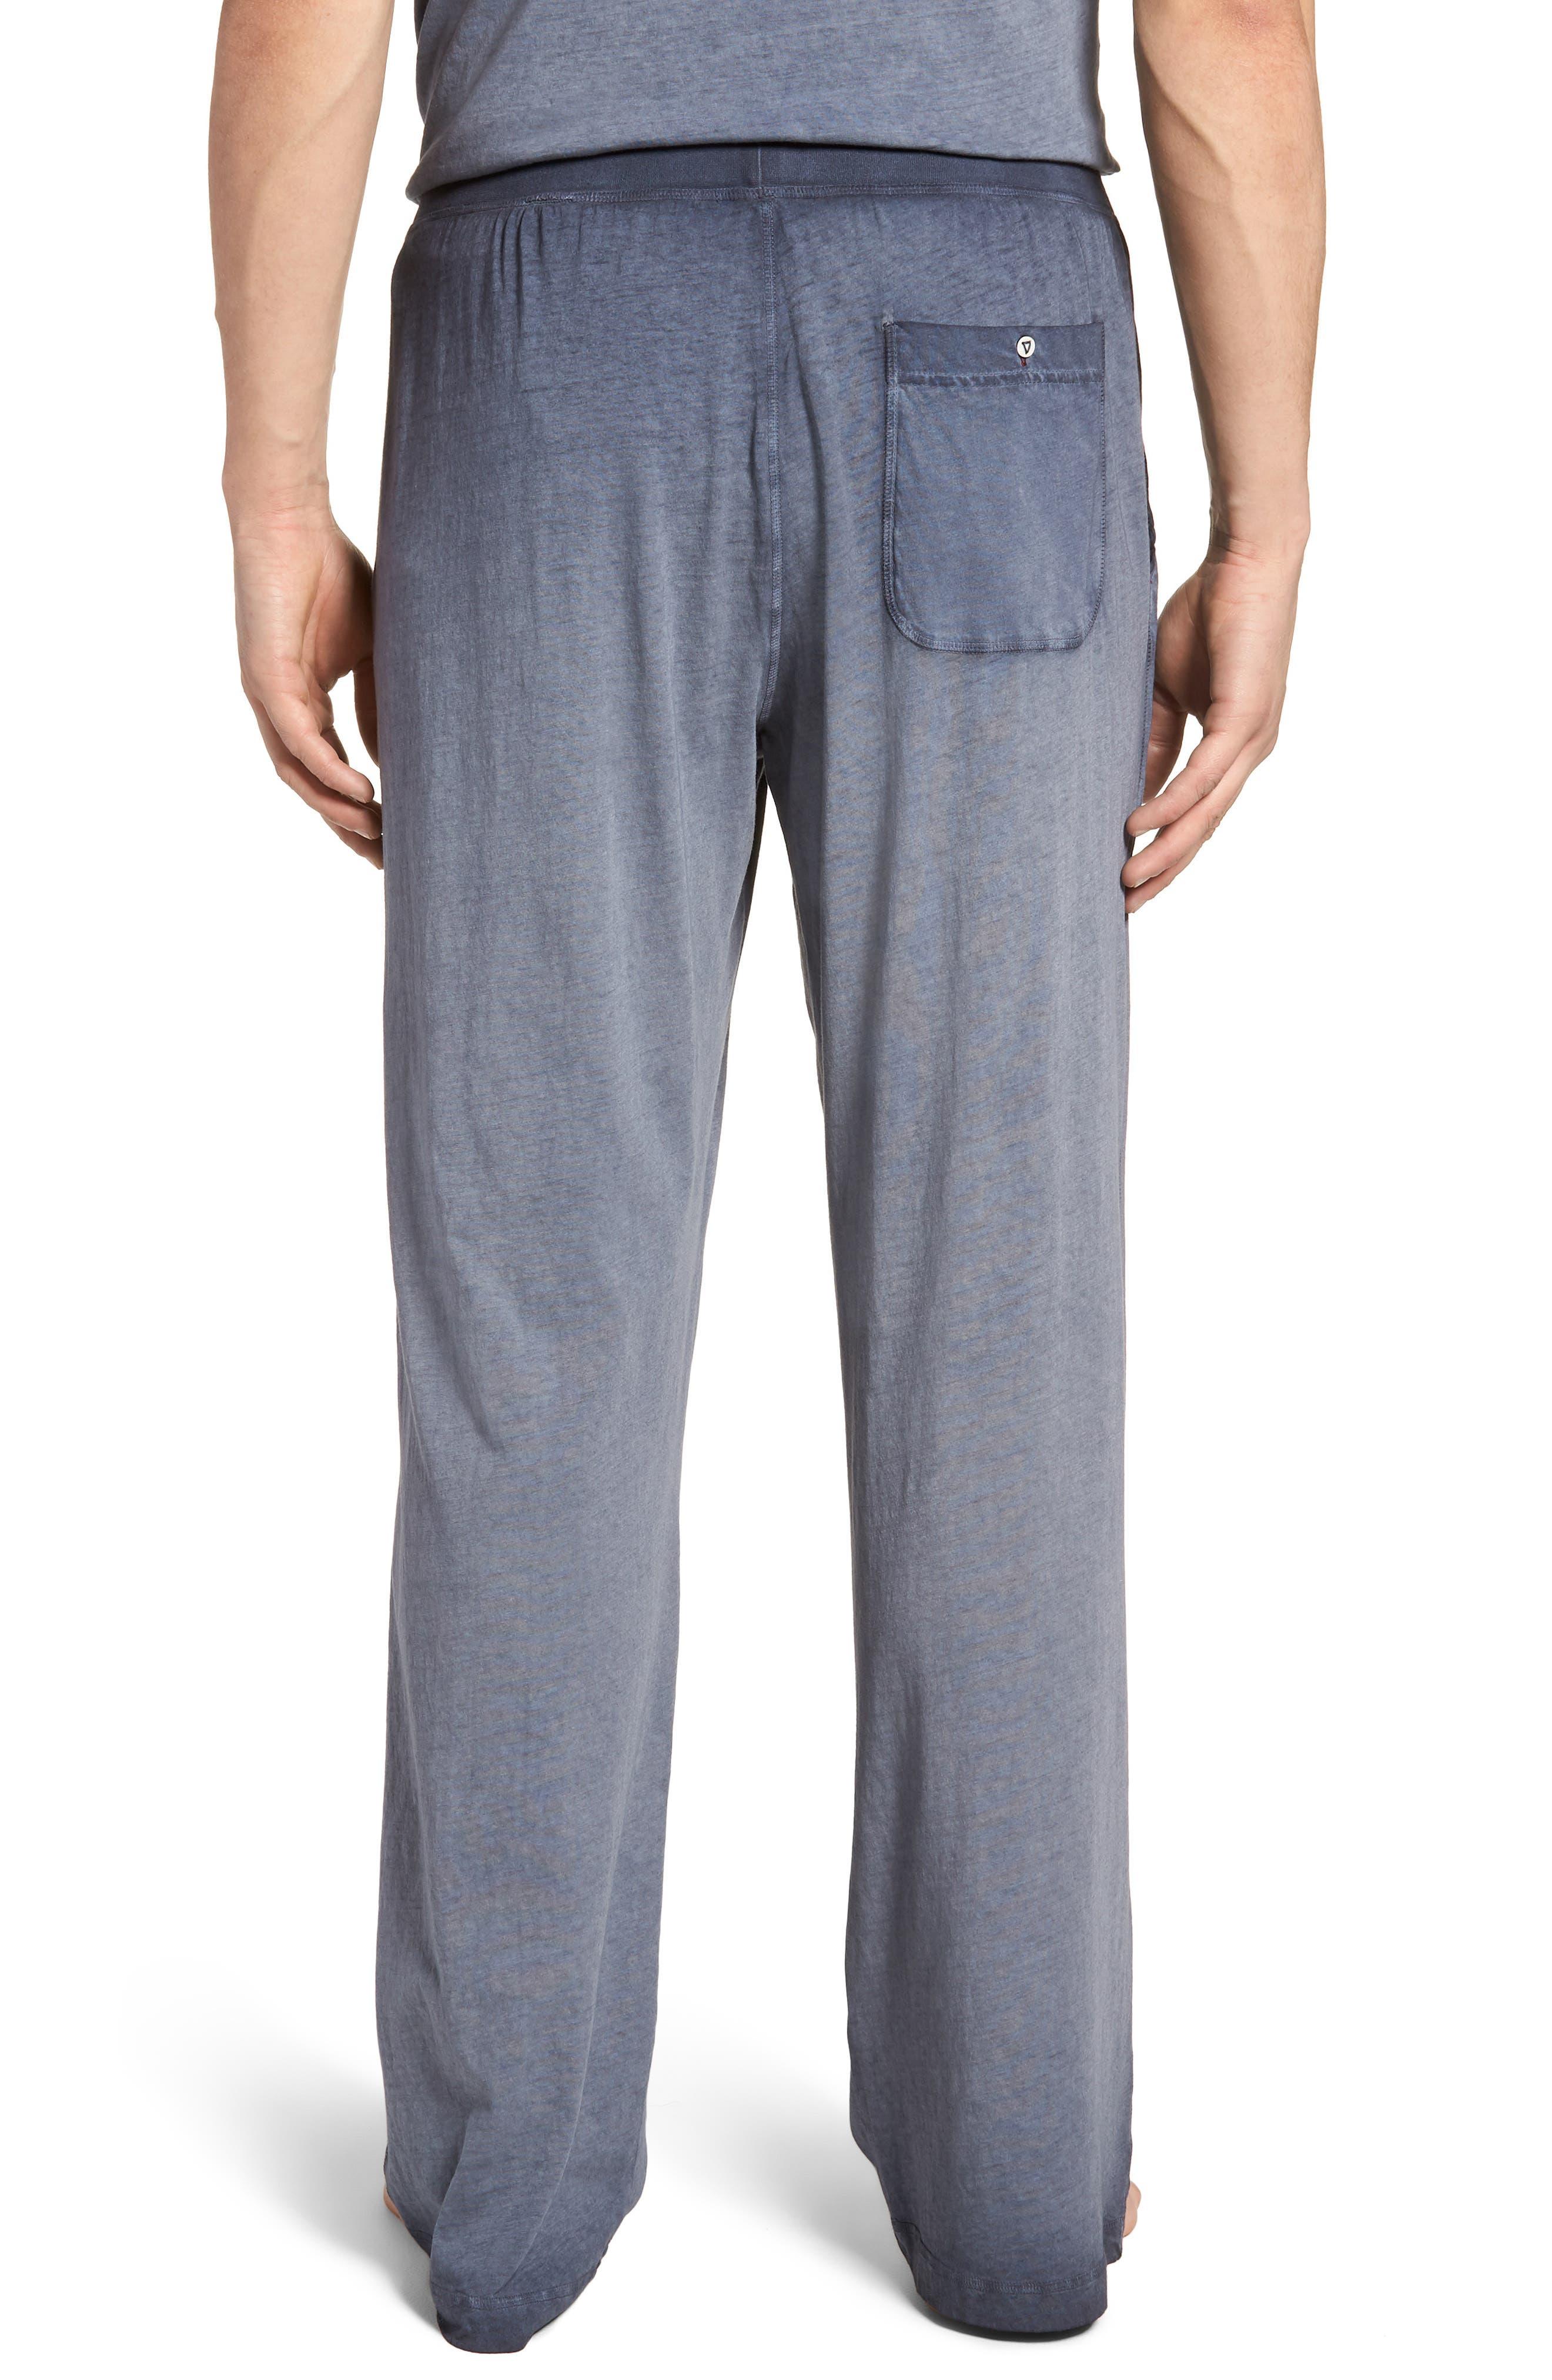 Cotton Lounge Pants,                             Alternate thumbnail 2, color,                             410